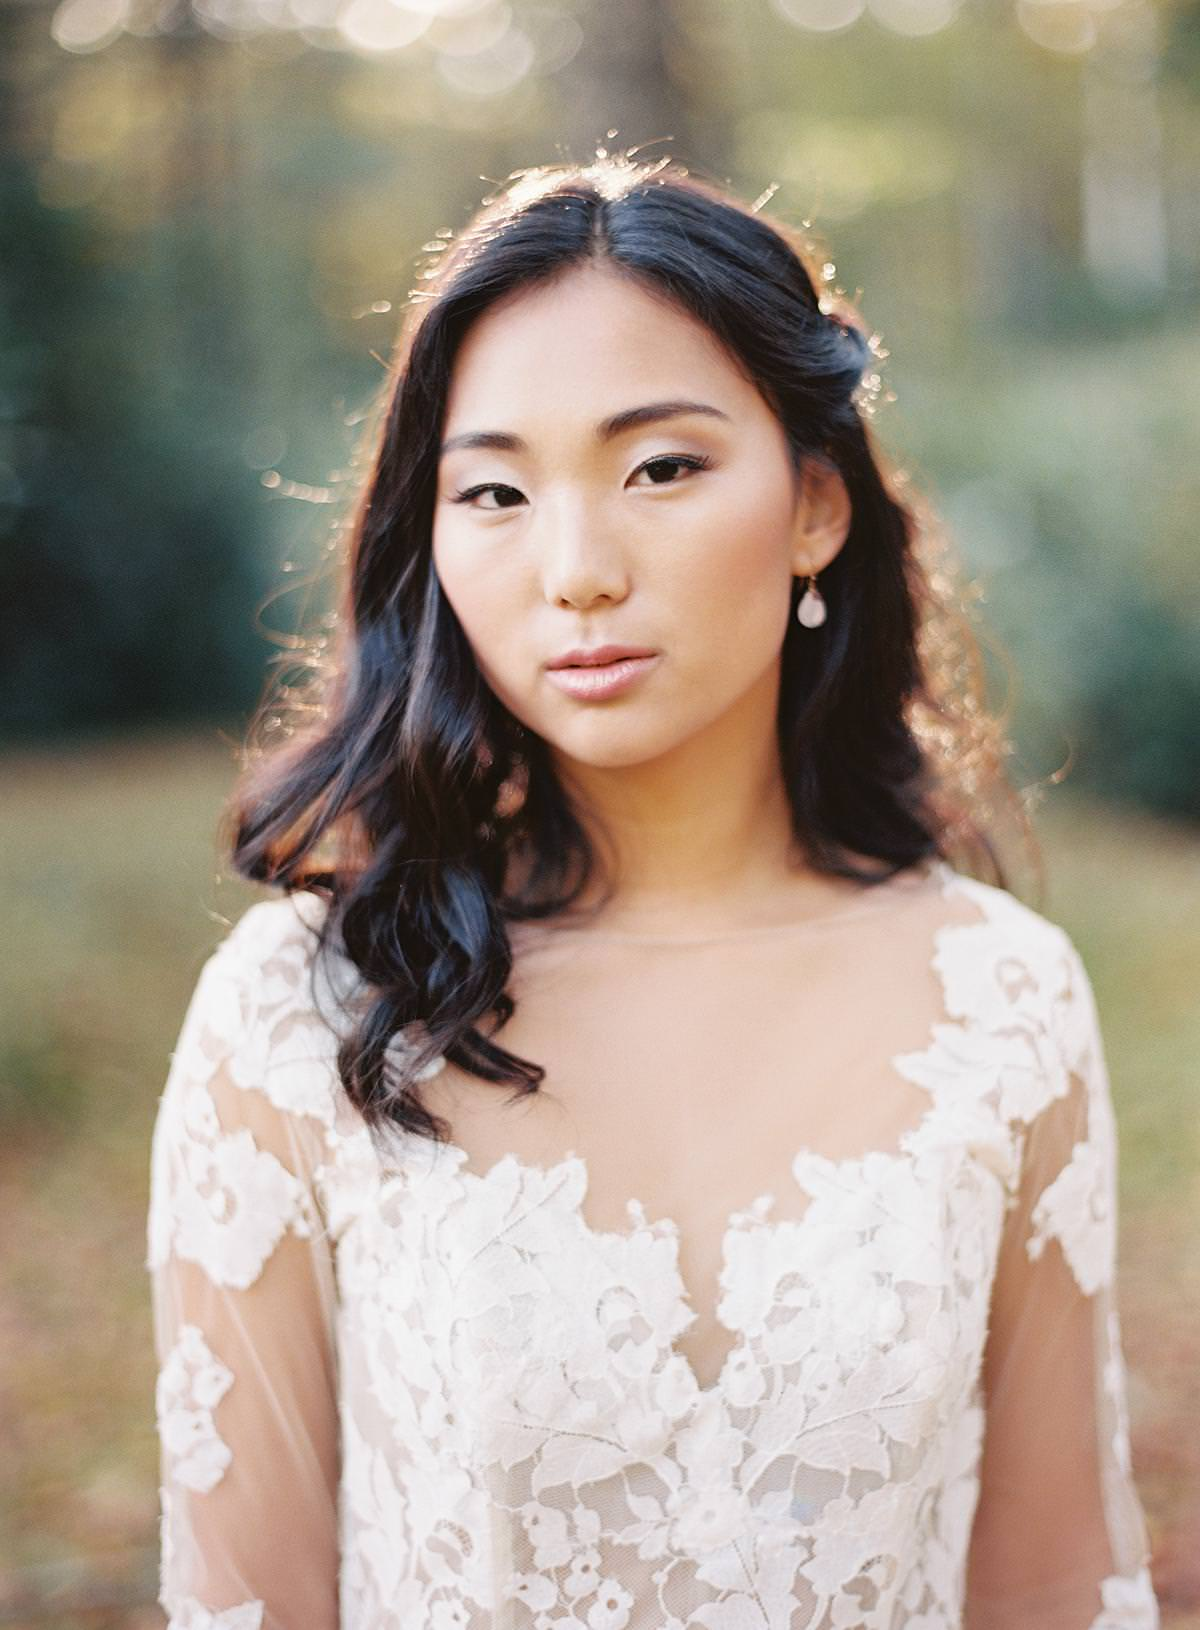 belle maquillage wedding